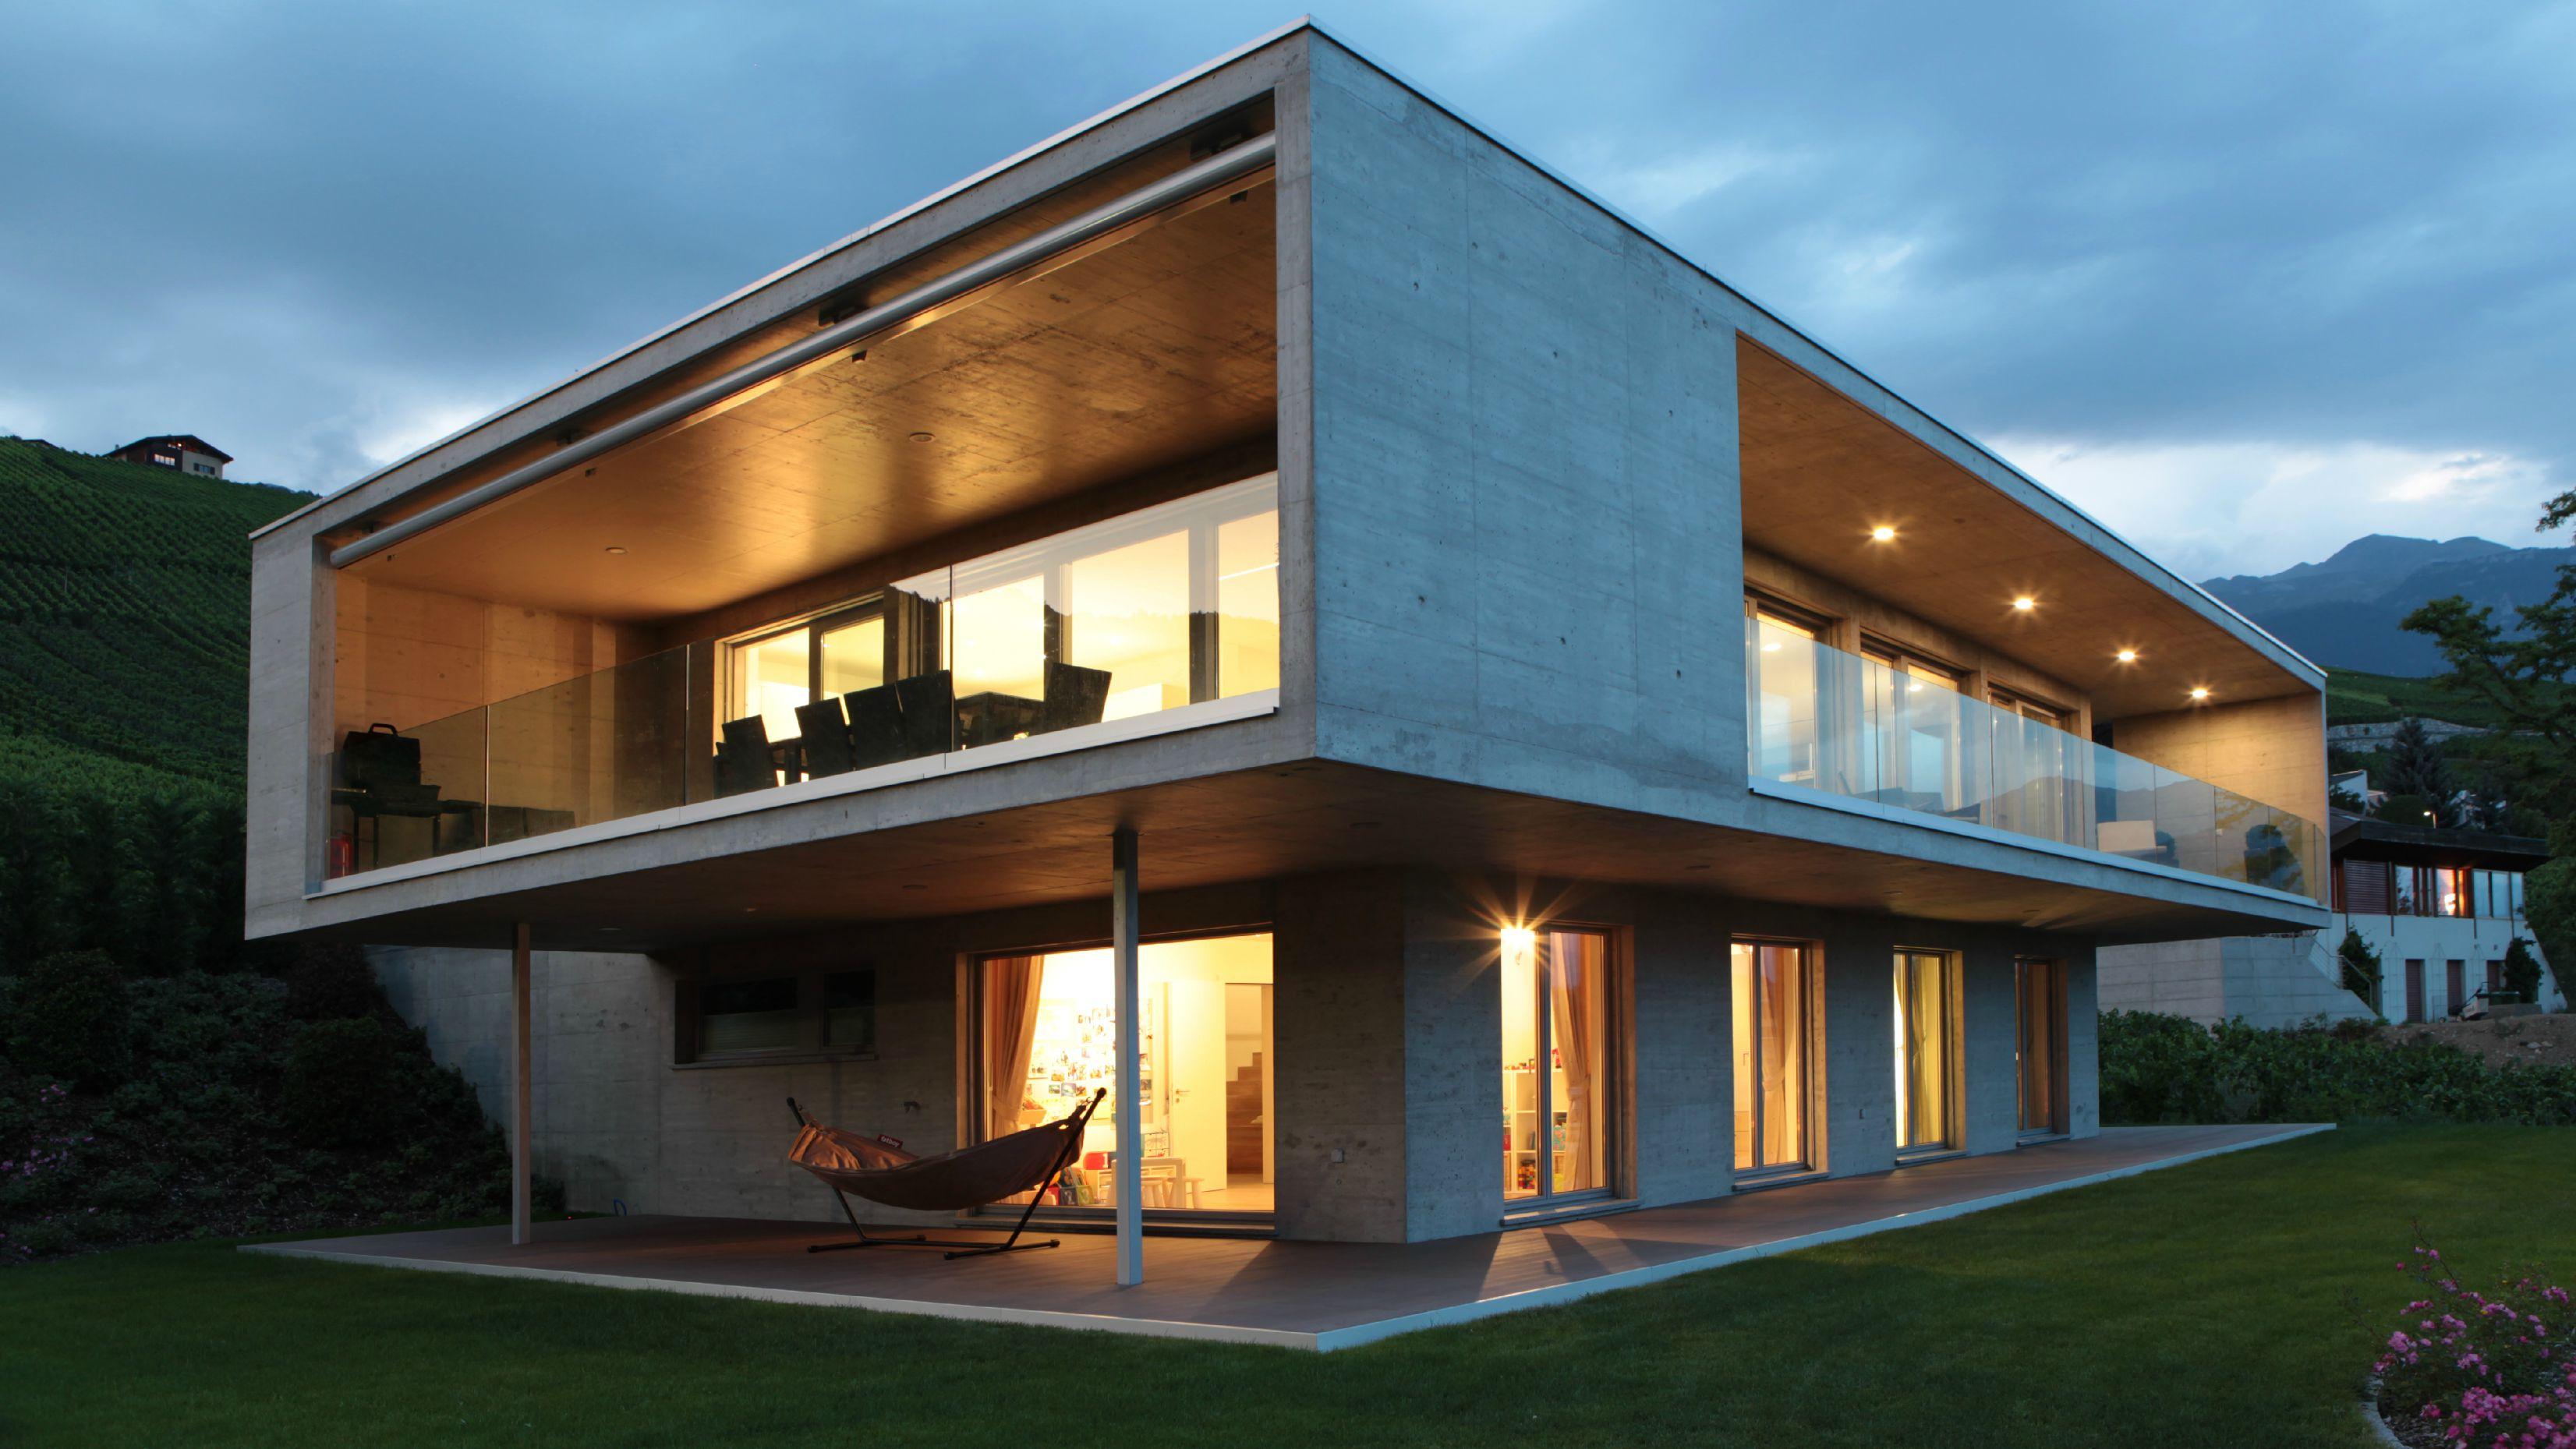 Architecture ma maison mon architecte canal9 for Ma maison mon architecte